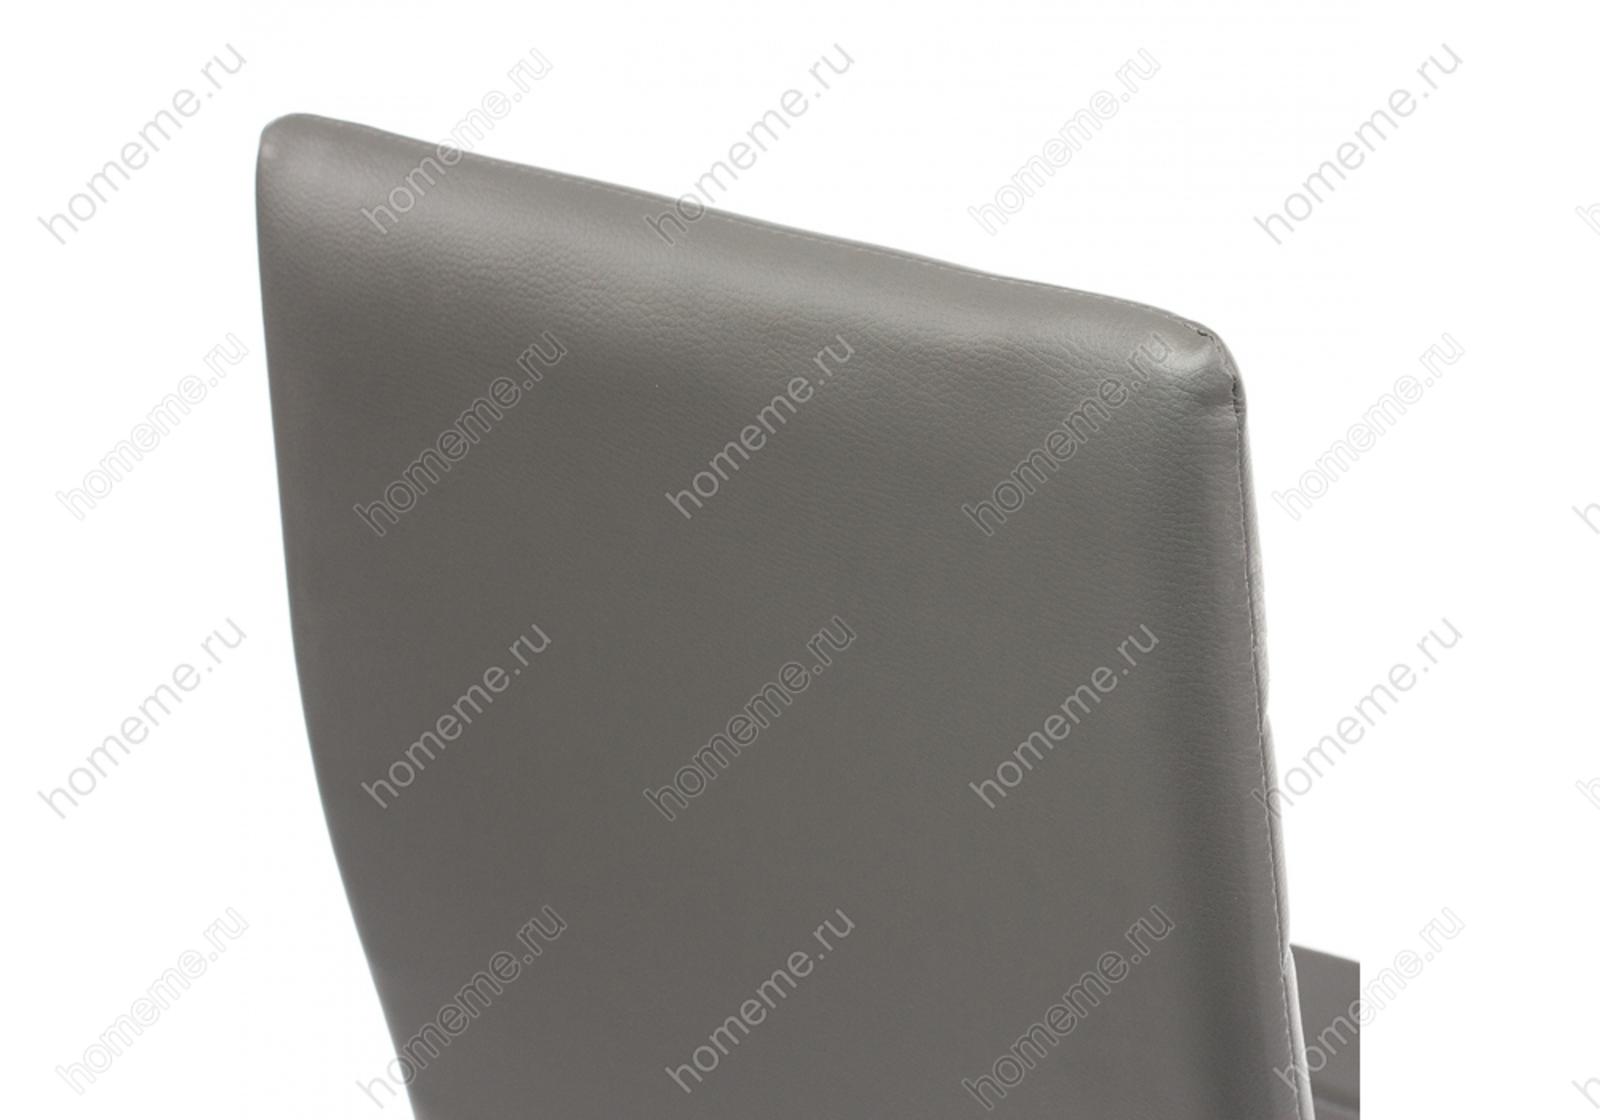 Стул DC2-001 серый 1581 1581